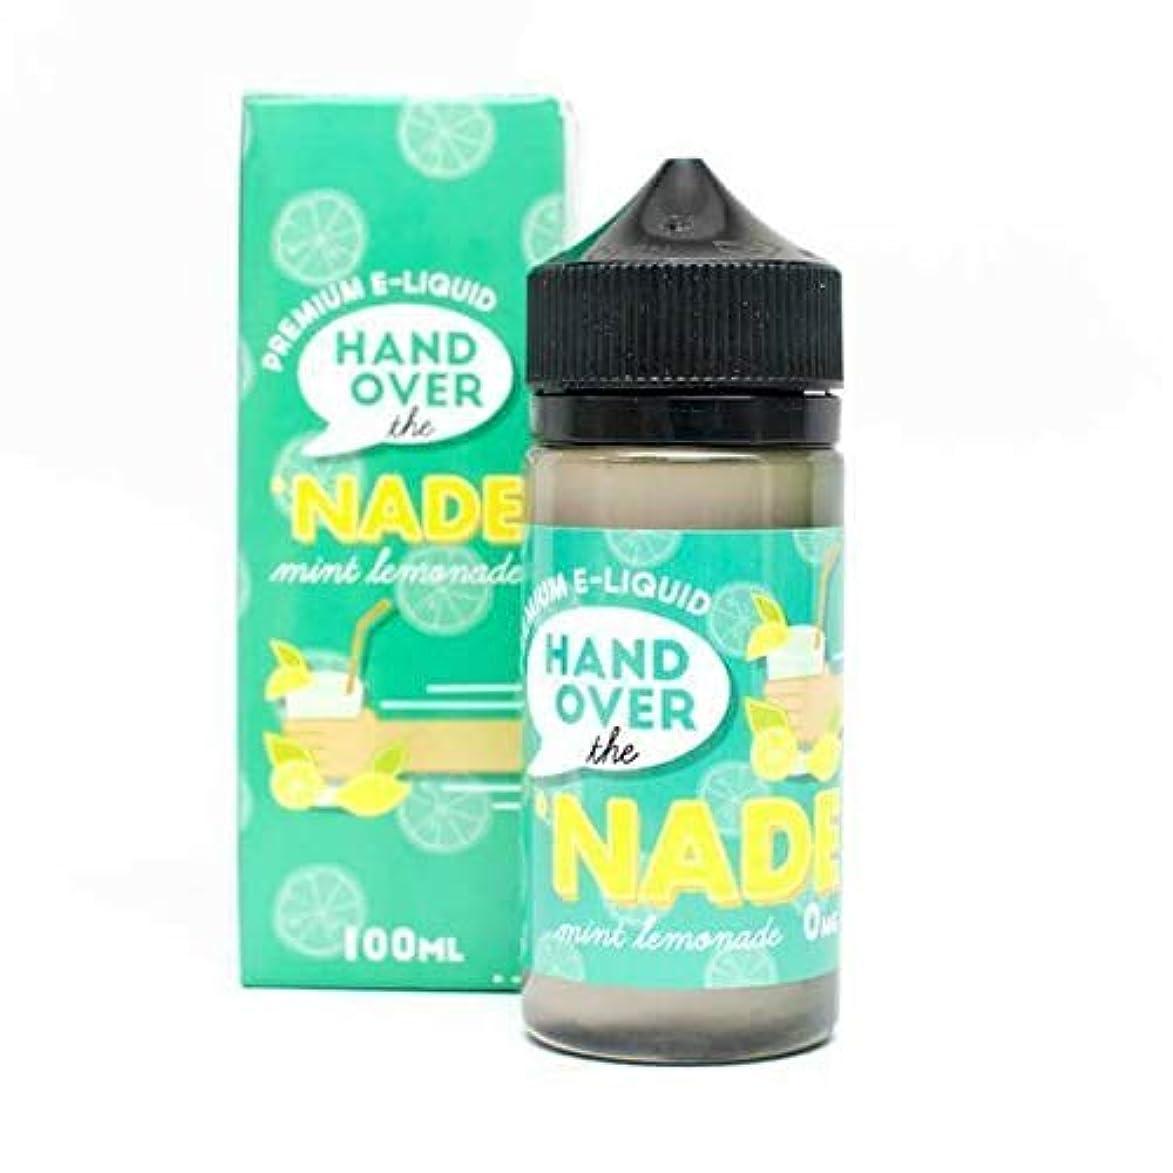 仕立て屋遅れお茶USA産 電子タバコ用リキッド HAND OVER Premium E-Liquid (mint lemonade, 100ml)